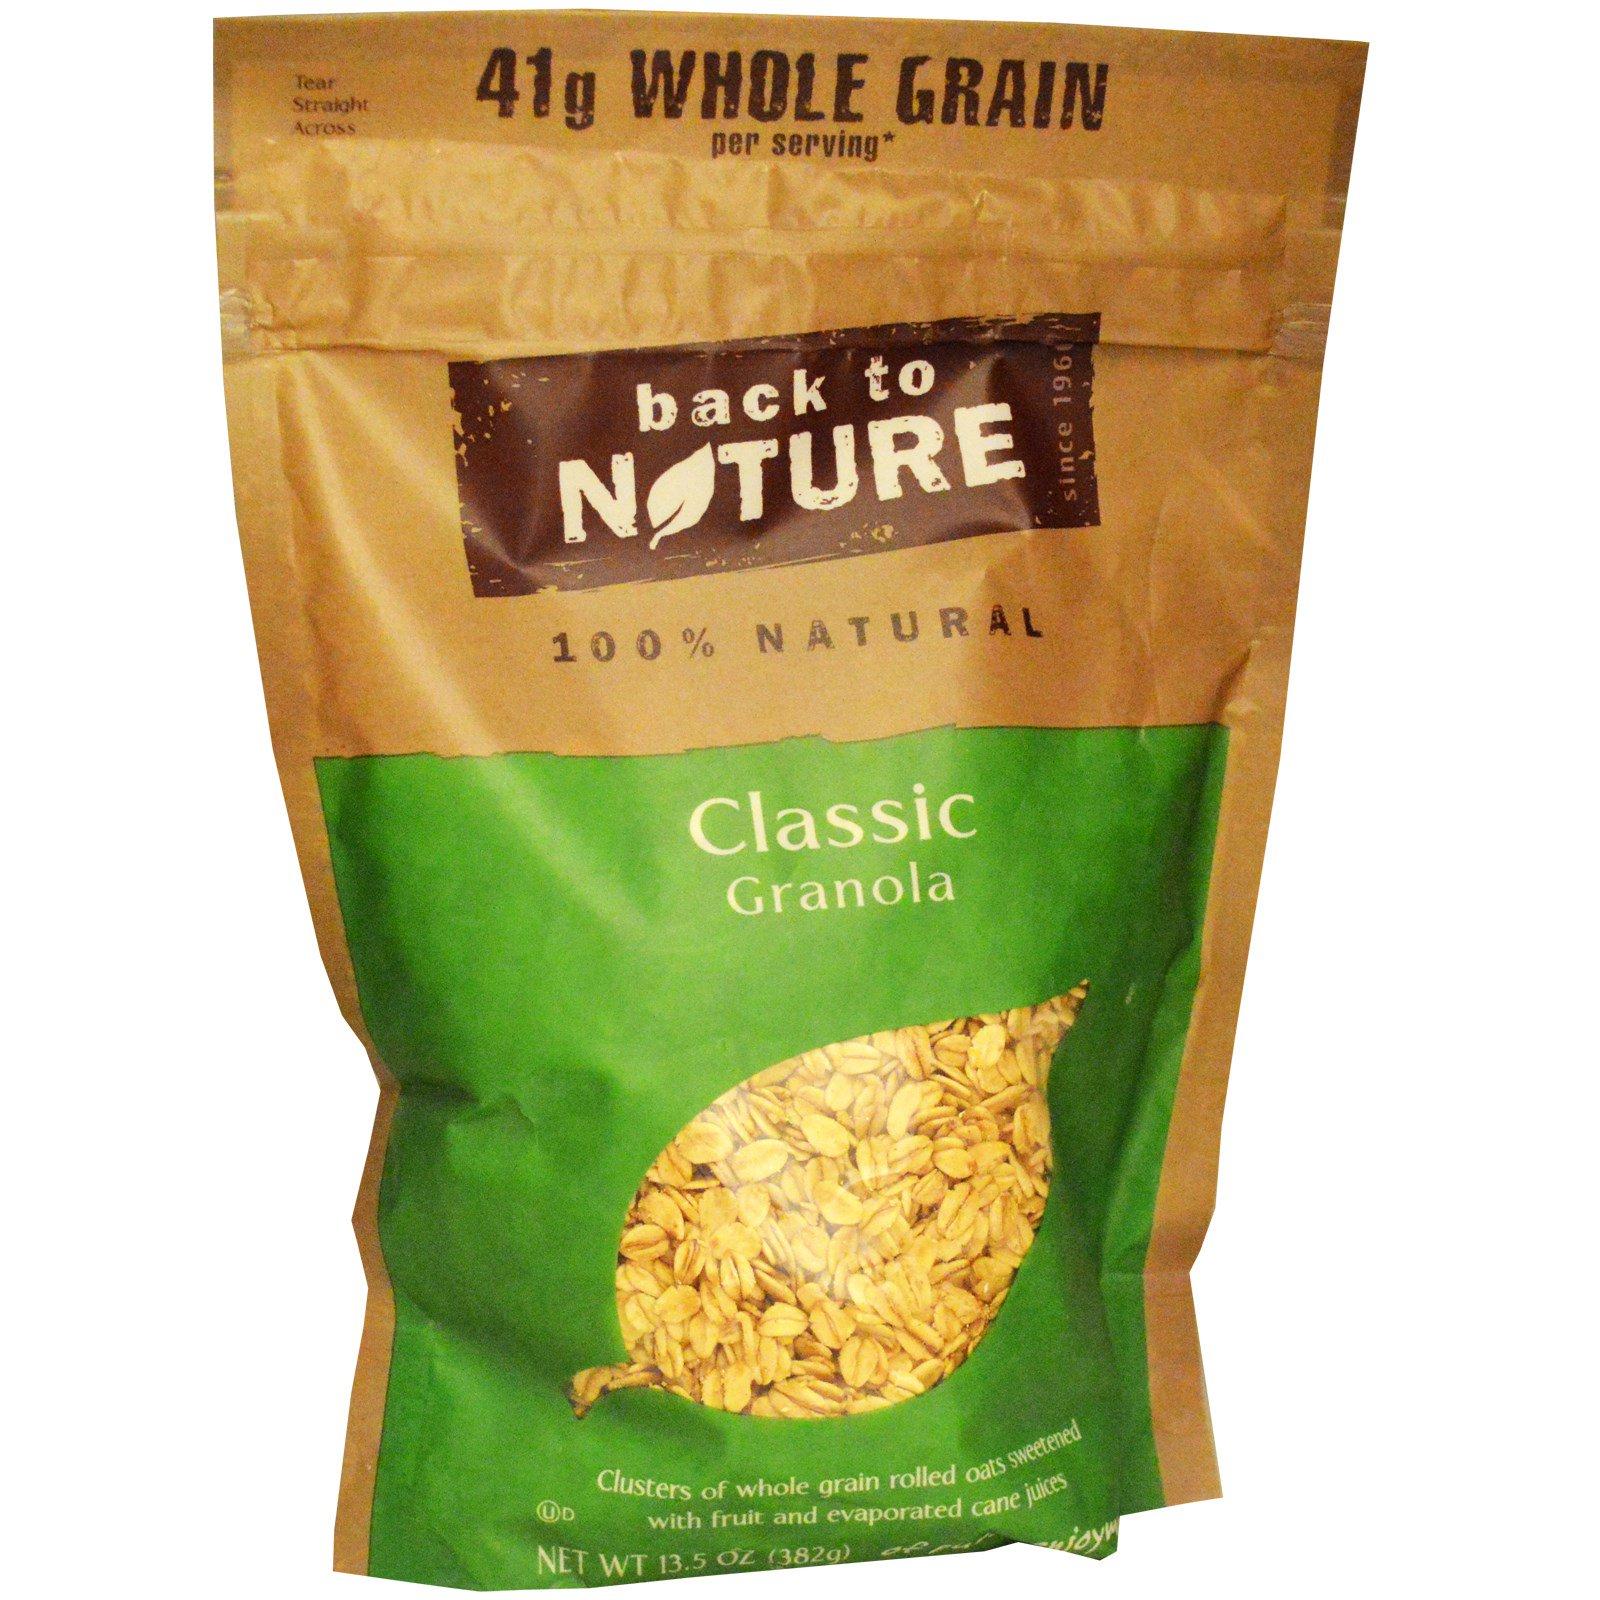 Back to Nature, 100% натуральная классическая гранола, 382 г (13,5 oz)